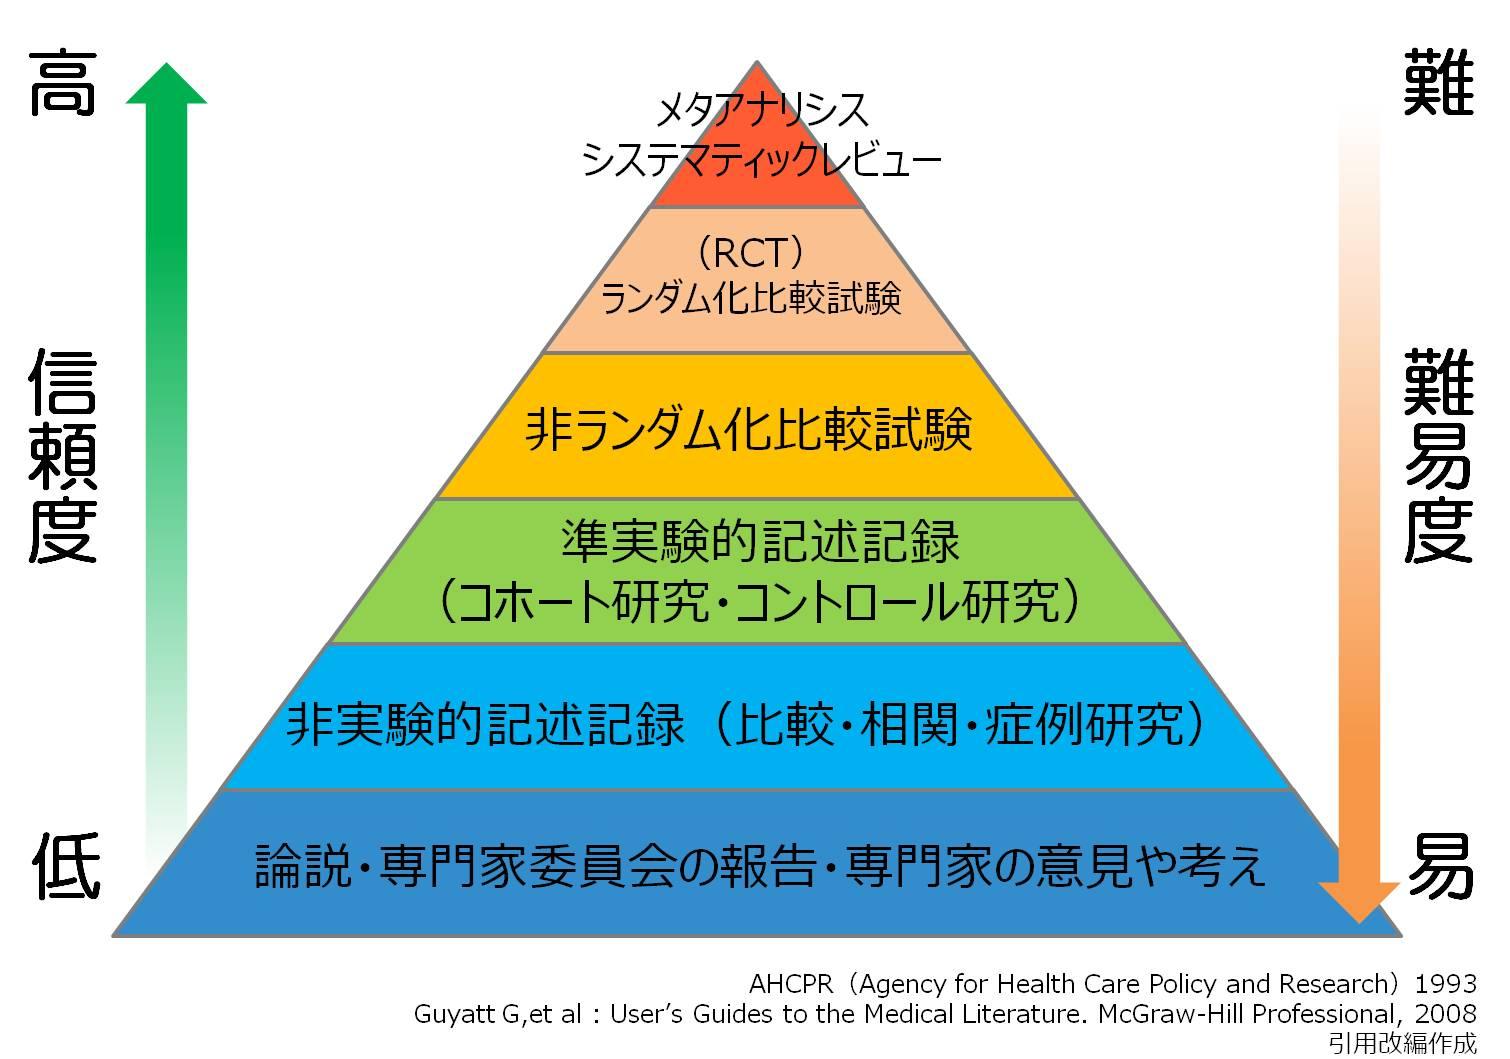 エビデンスレベル エビデンスピラミッド